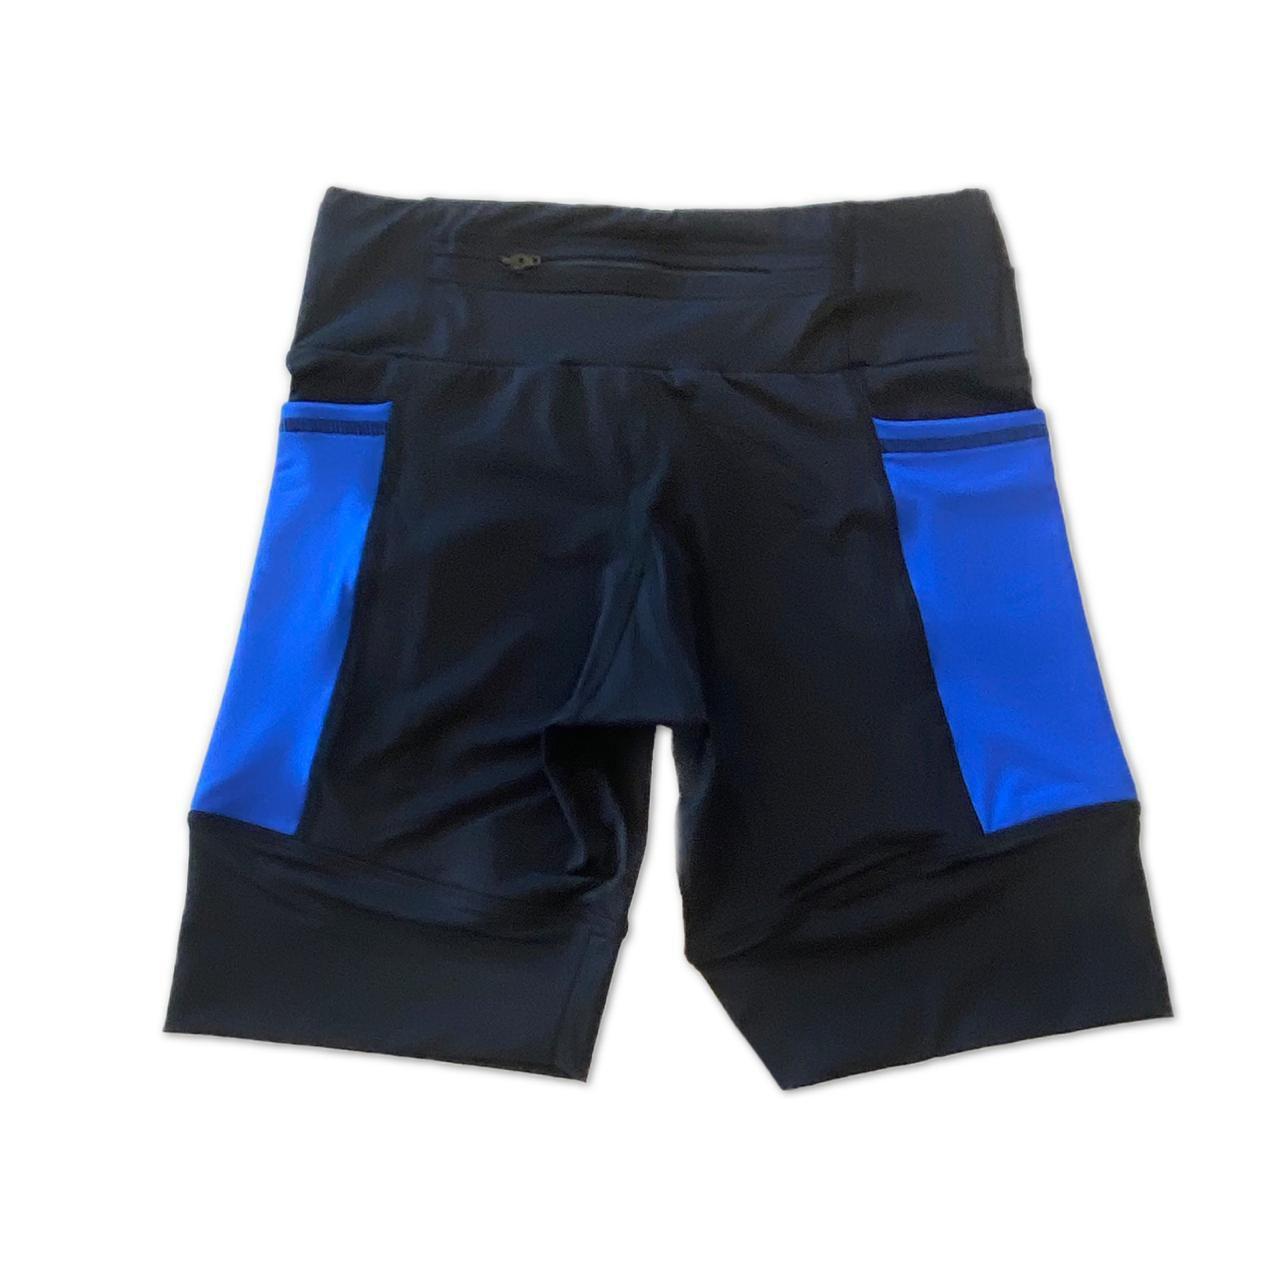 Bermuda de compressão masculina - unissex 1500 bolsos quadrados em sportiva preta bolso azul royal  - Vivian Bógus